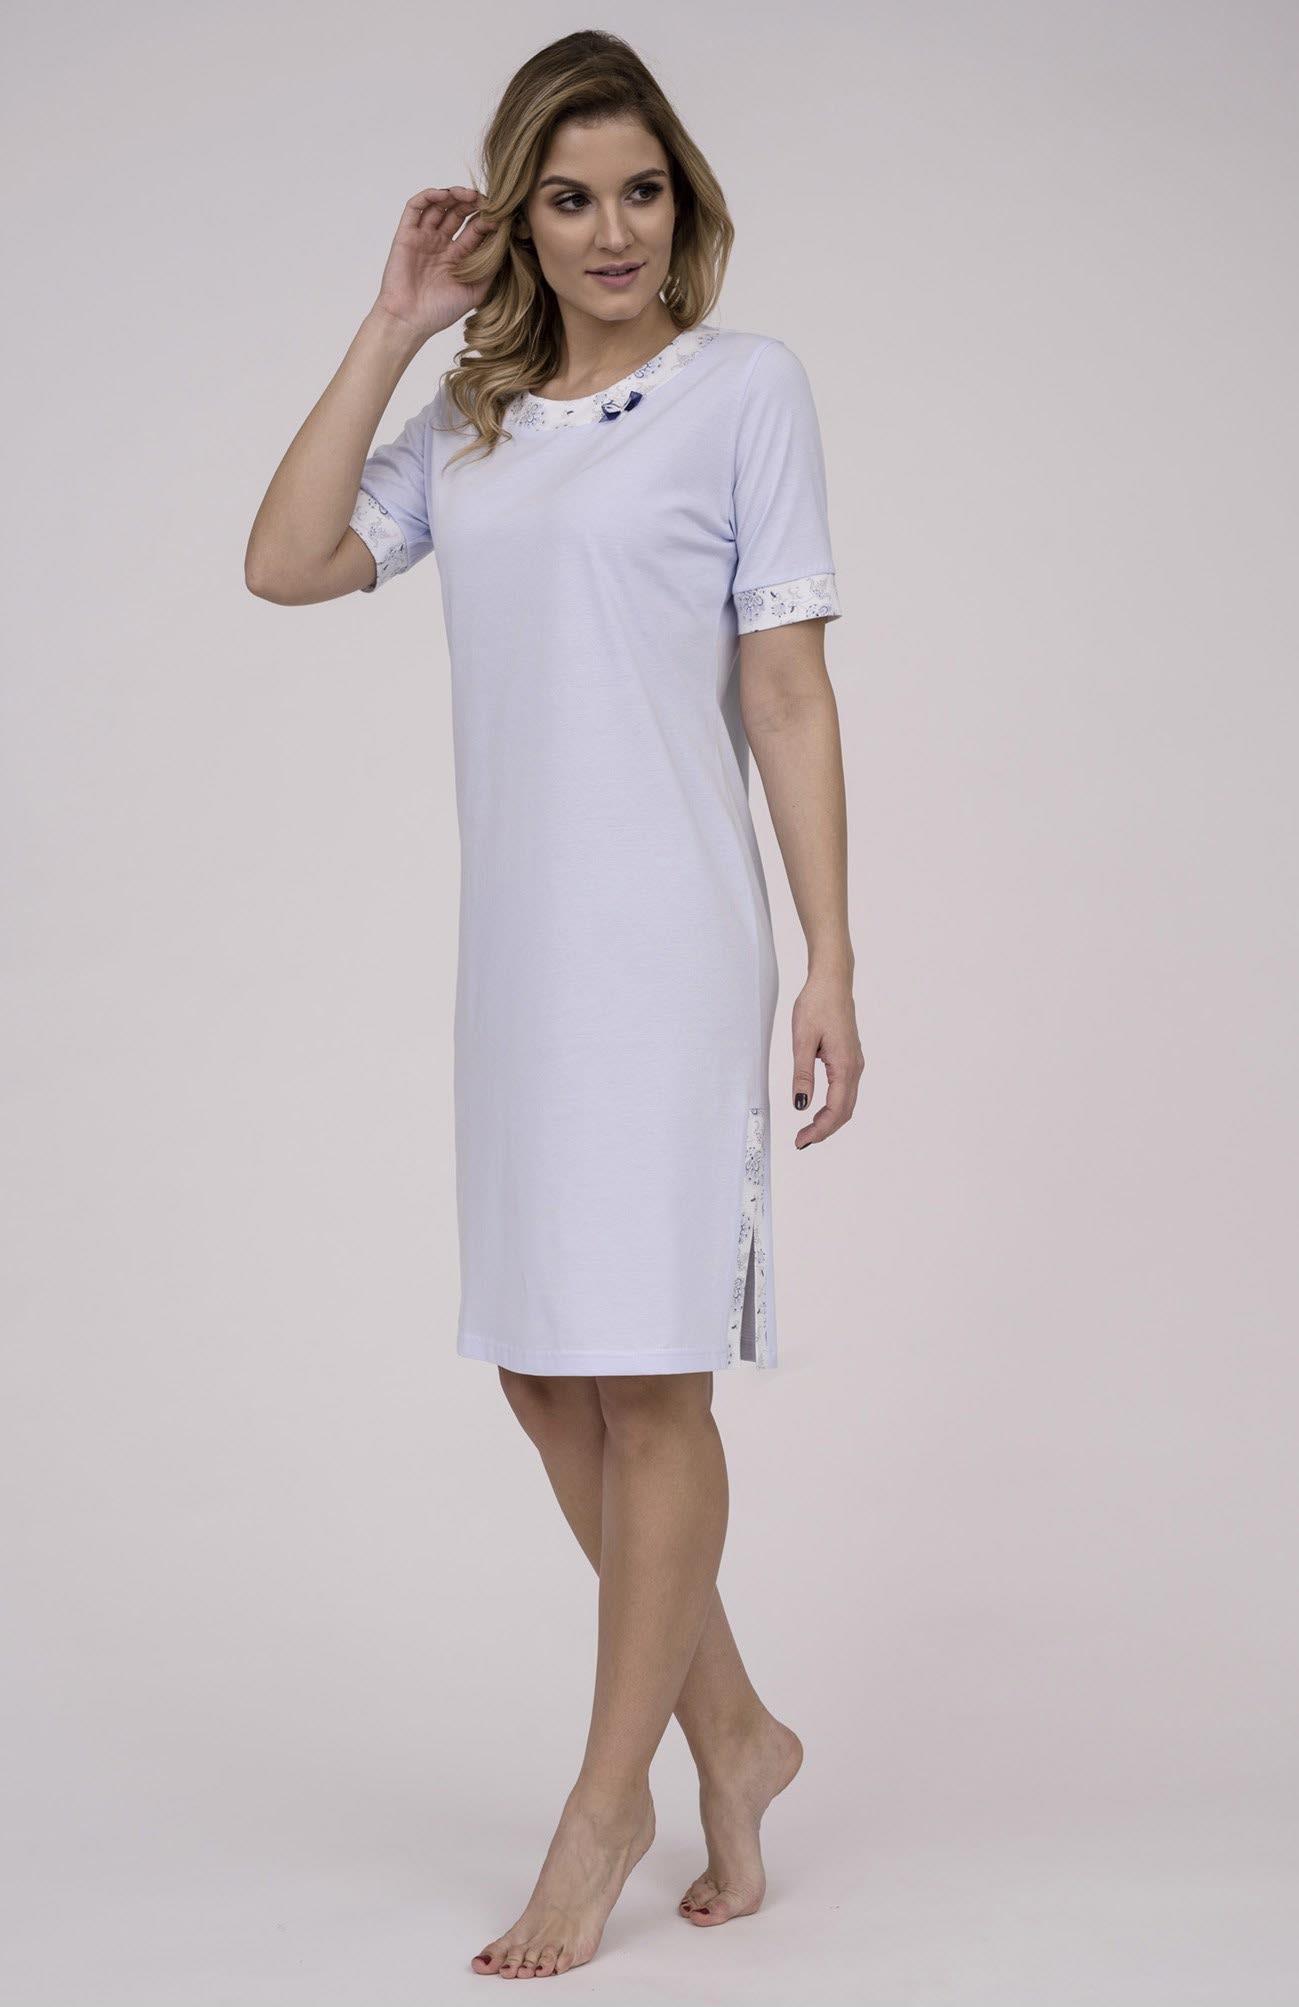 6d352296f1d1 Dámska nočná košeľa Cana 789. Dámska nočná bavlnená košeľa Cana 789 je  určená pre obdobie